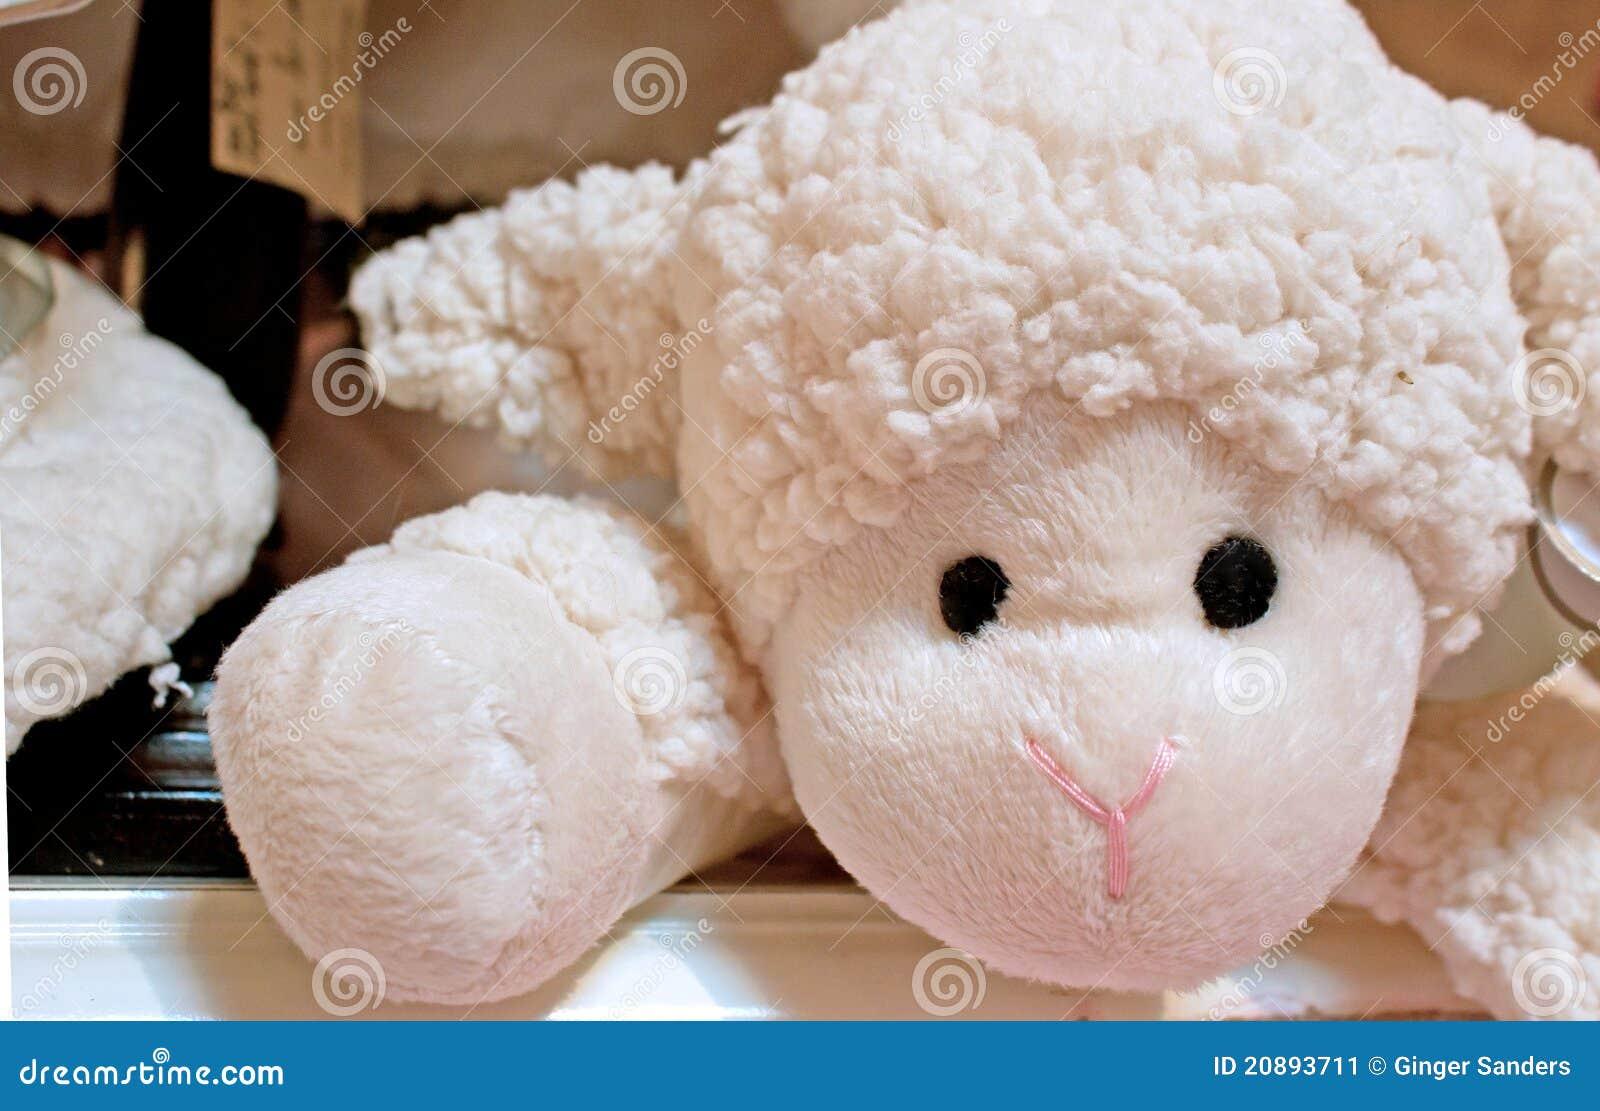 Het Gevulde Lam van Babyâs Stuk speelgoed